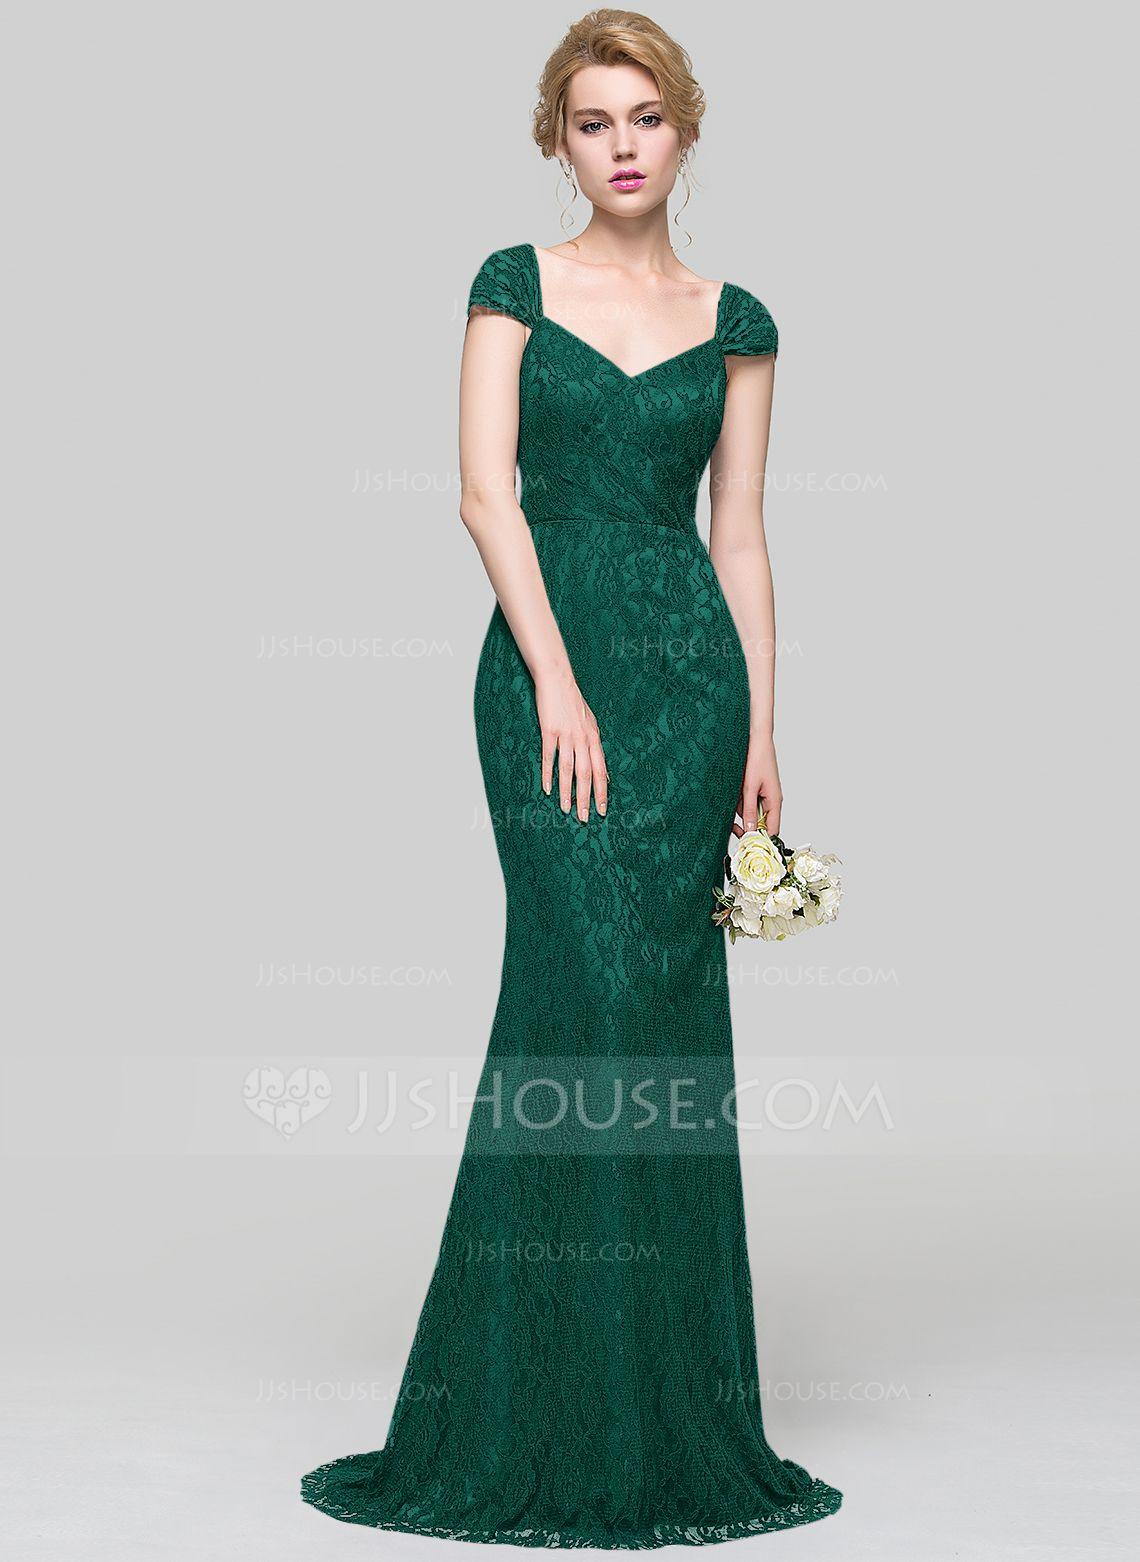 Vestidos dama de honor corte sirena